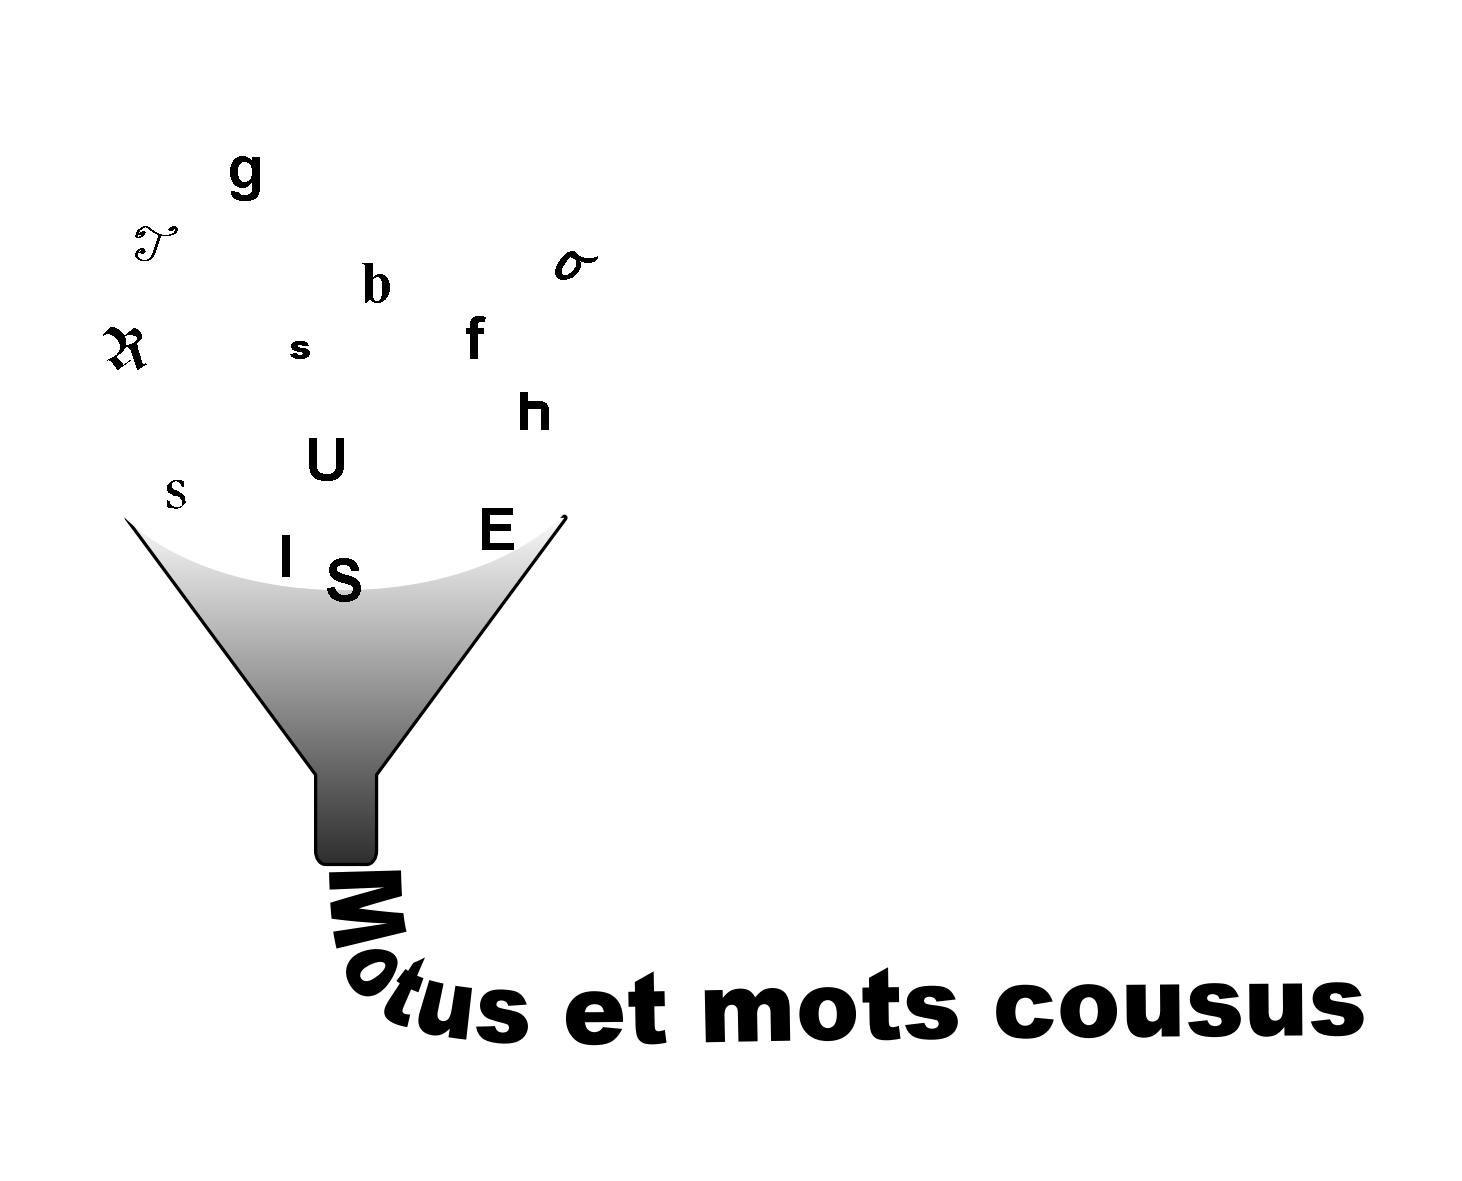 Motus et mots cousus